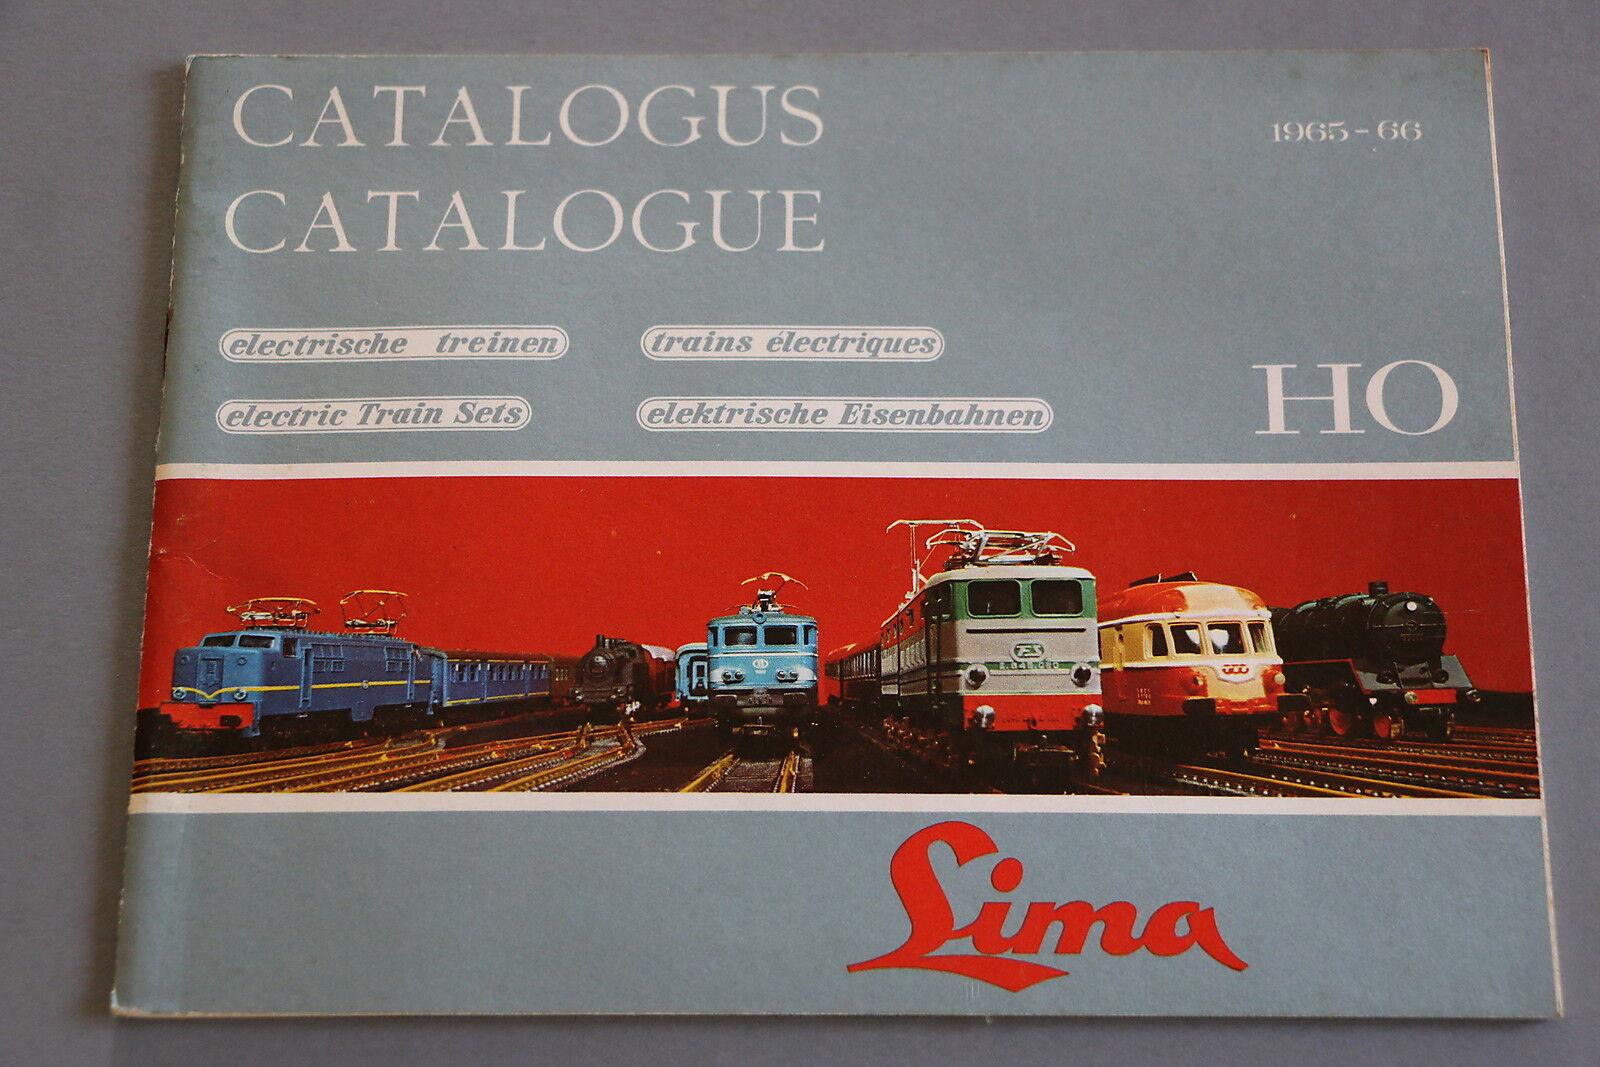 X189 train lima oh 1965 catalogue 1966 36 pages 2114,7 cm f deutsch